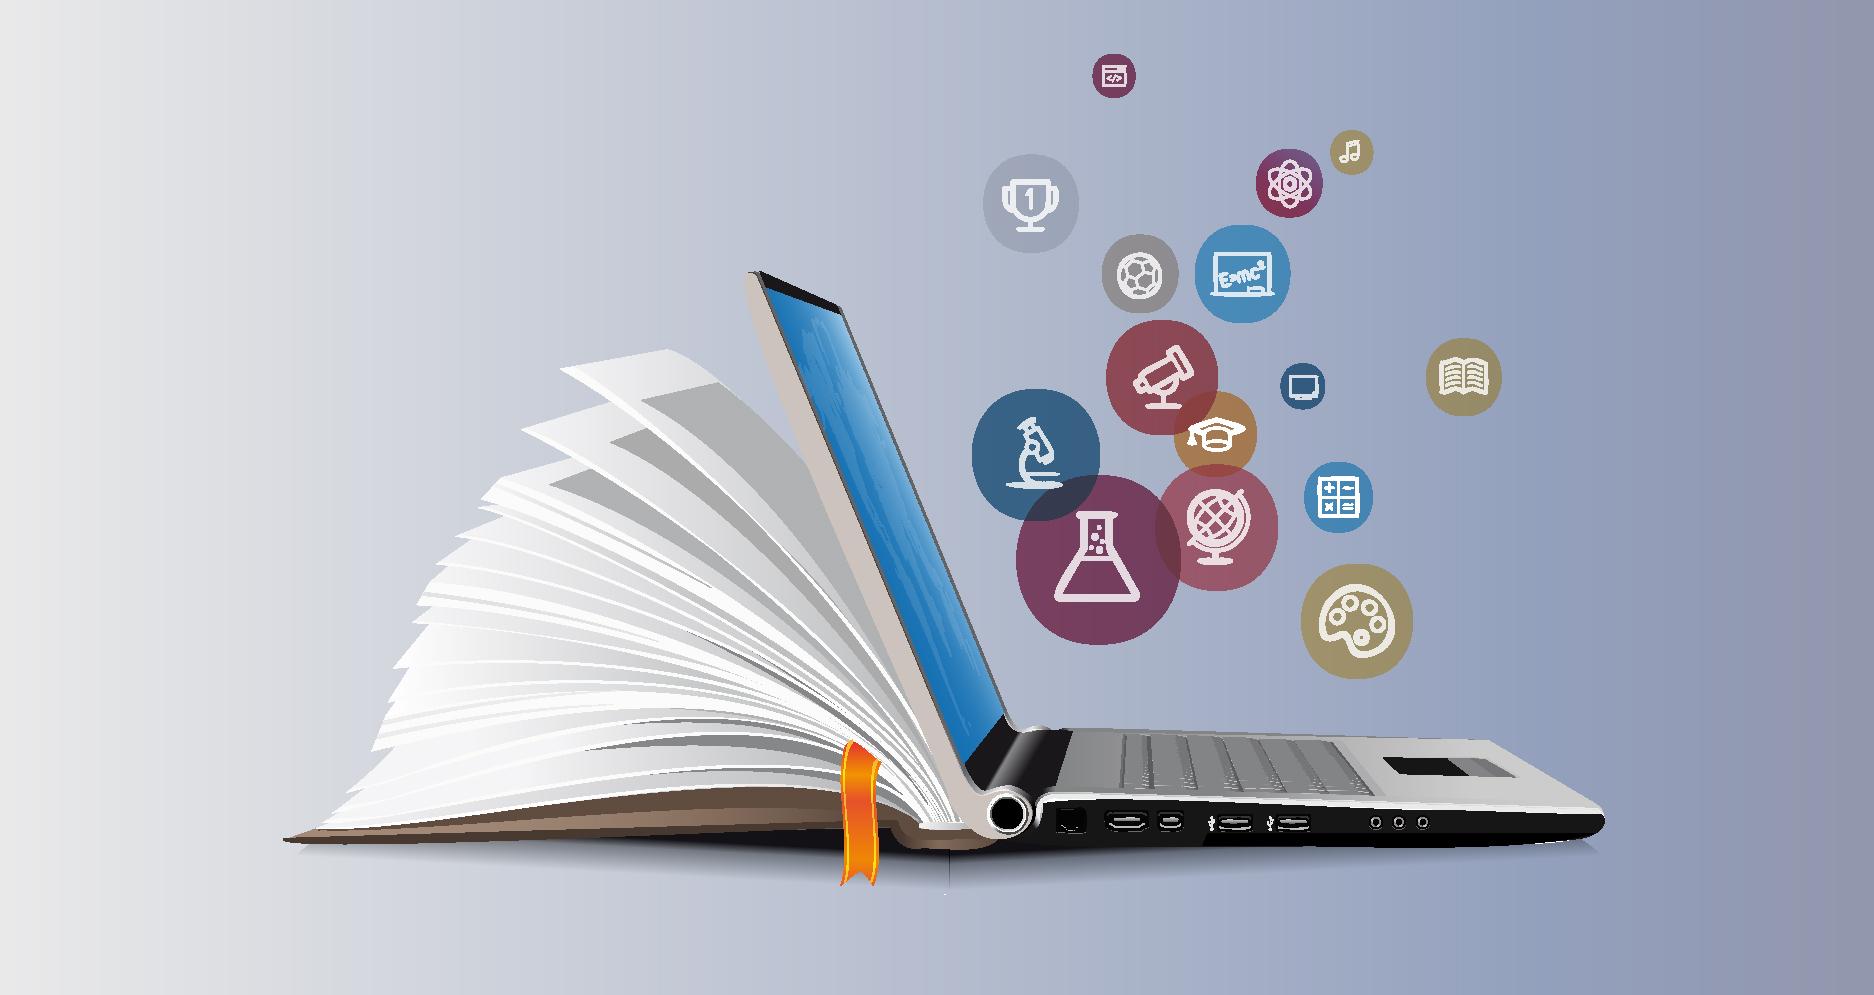 وضع برامج البحث والتطوير لعام 2021